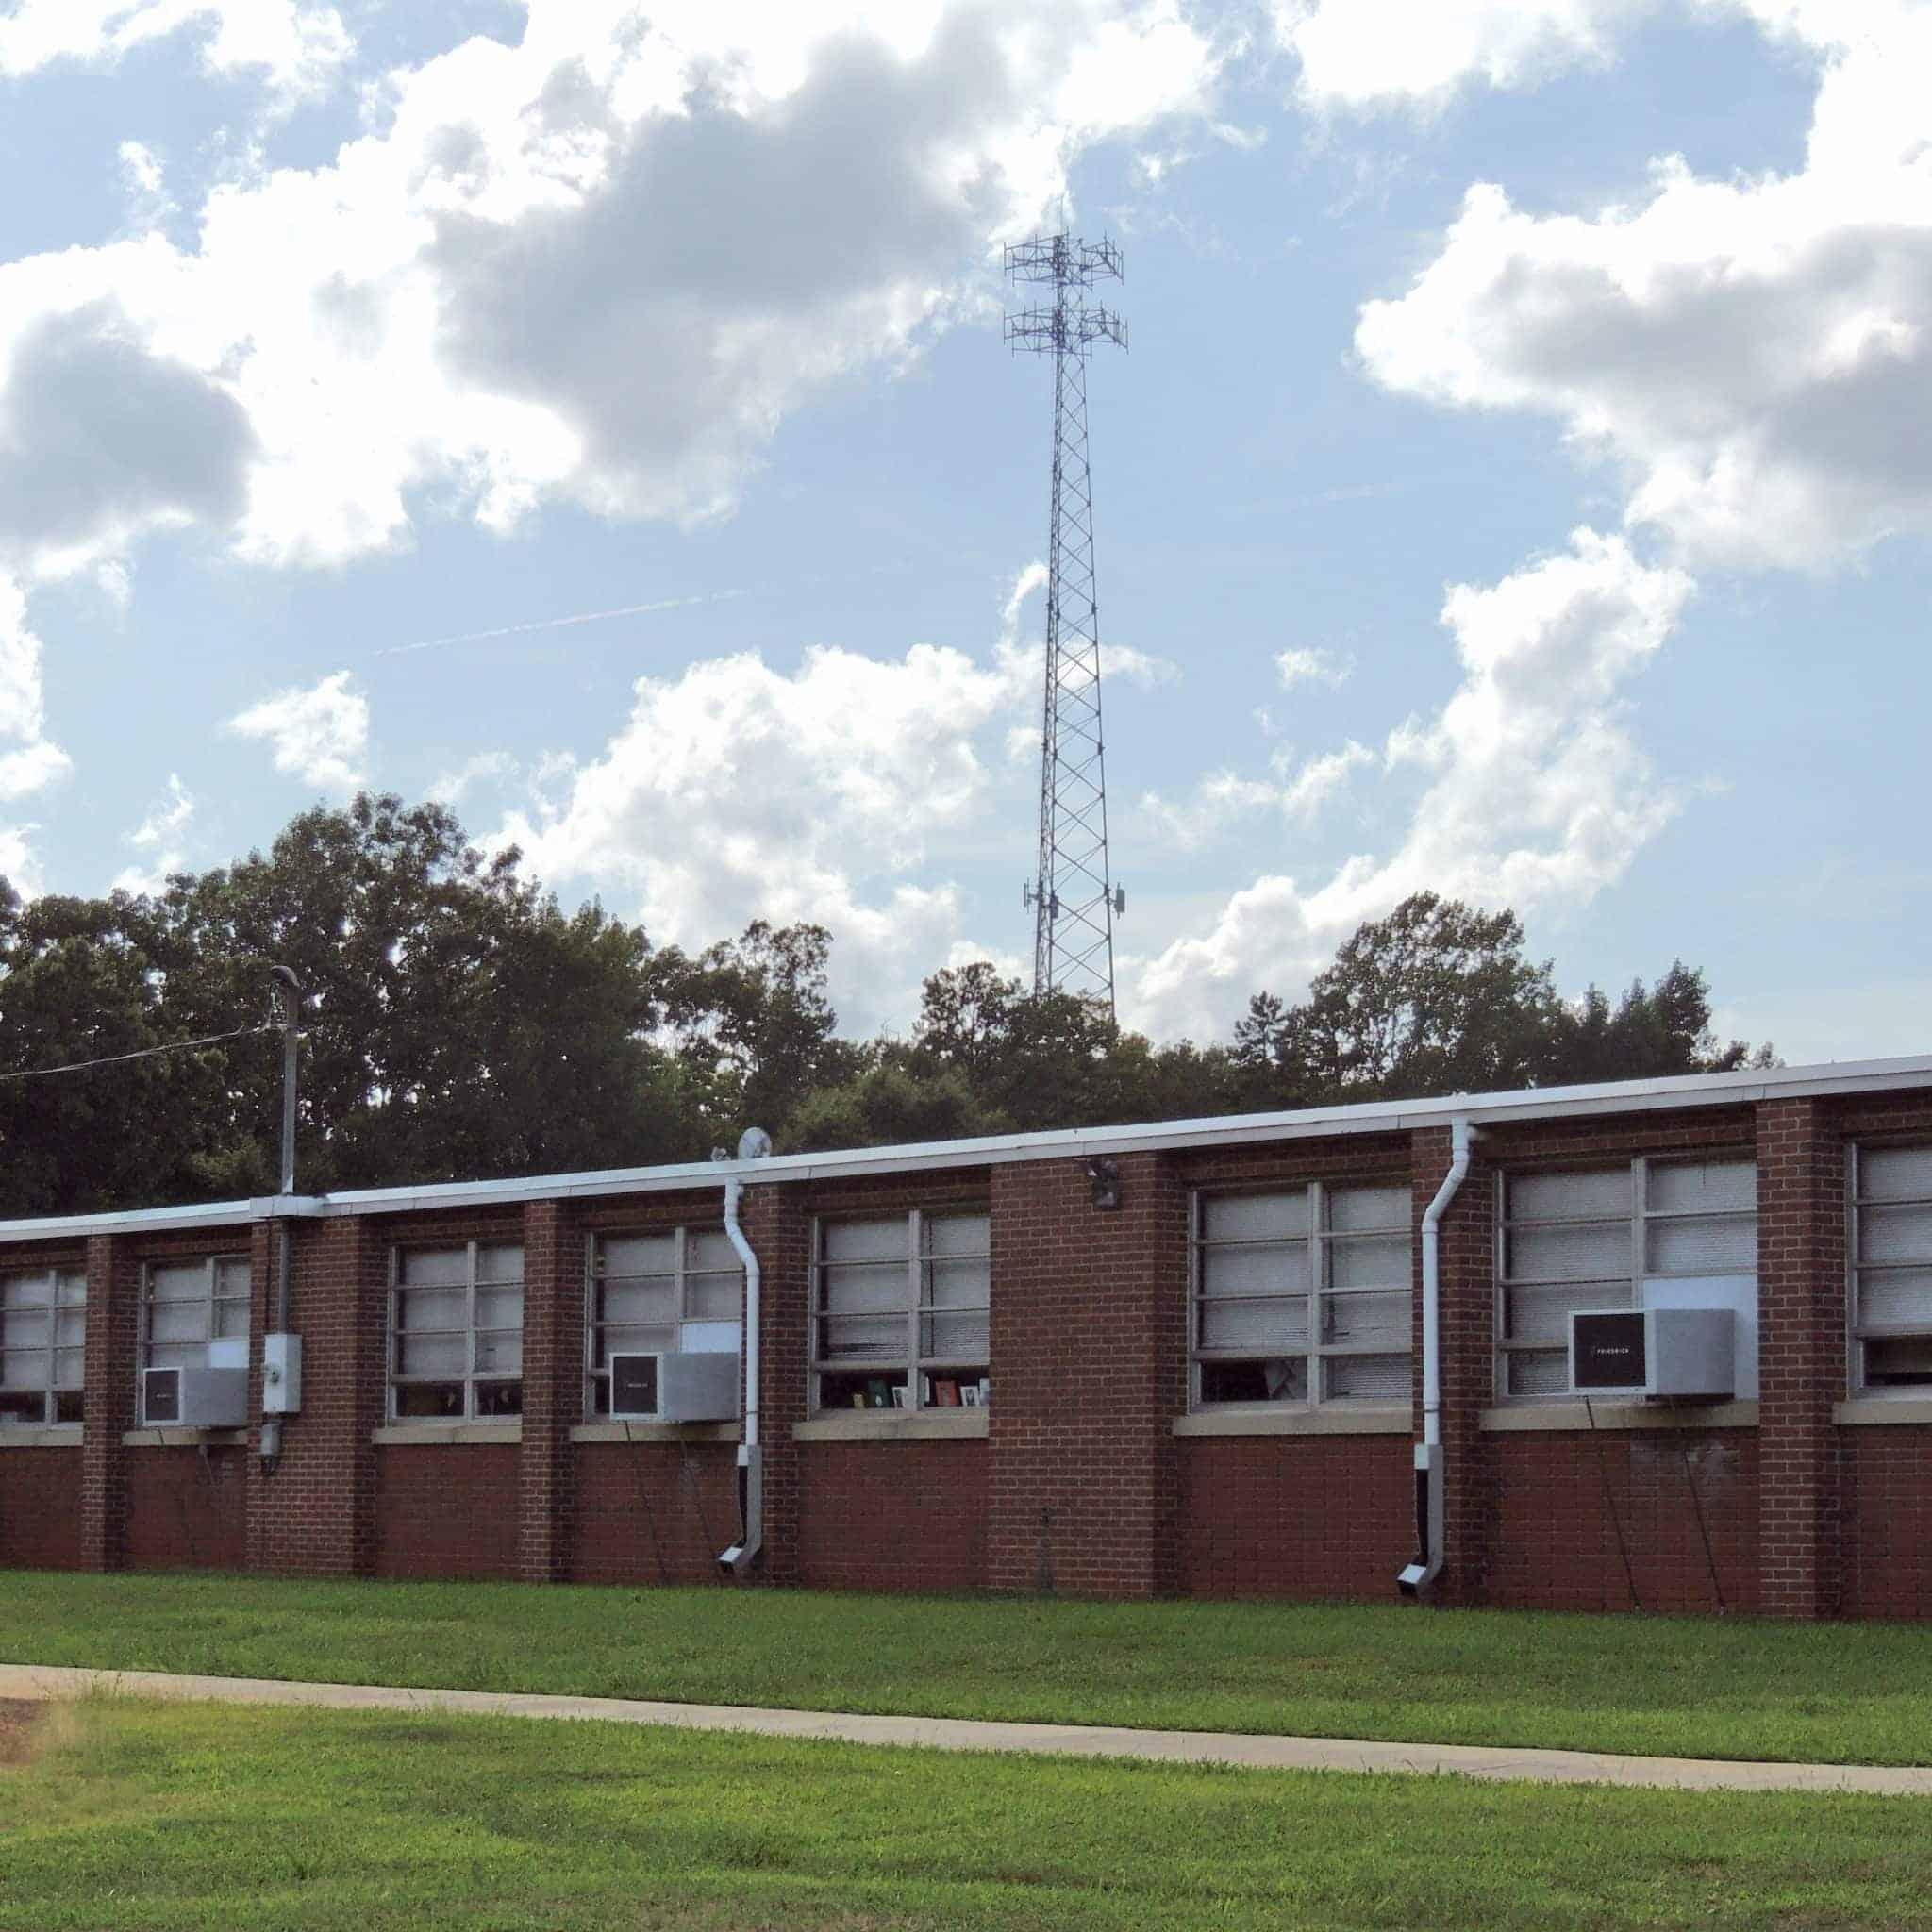 4_School_tower